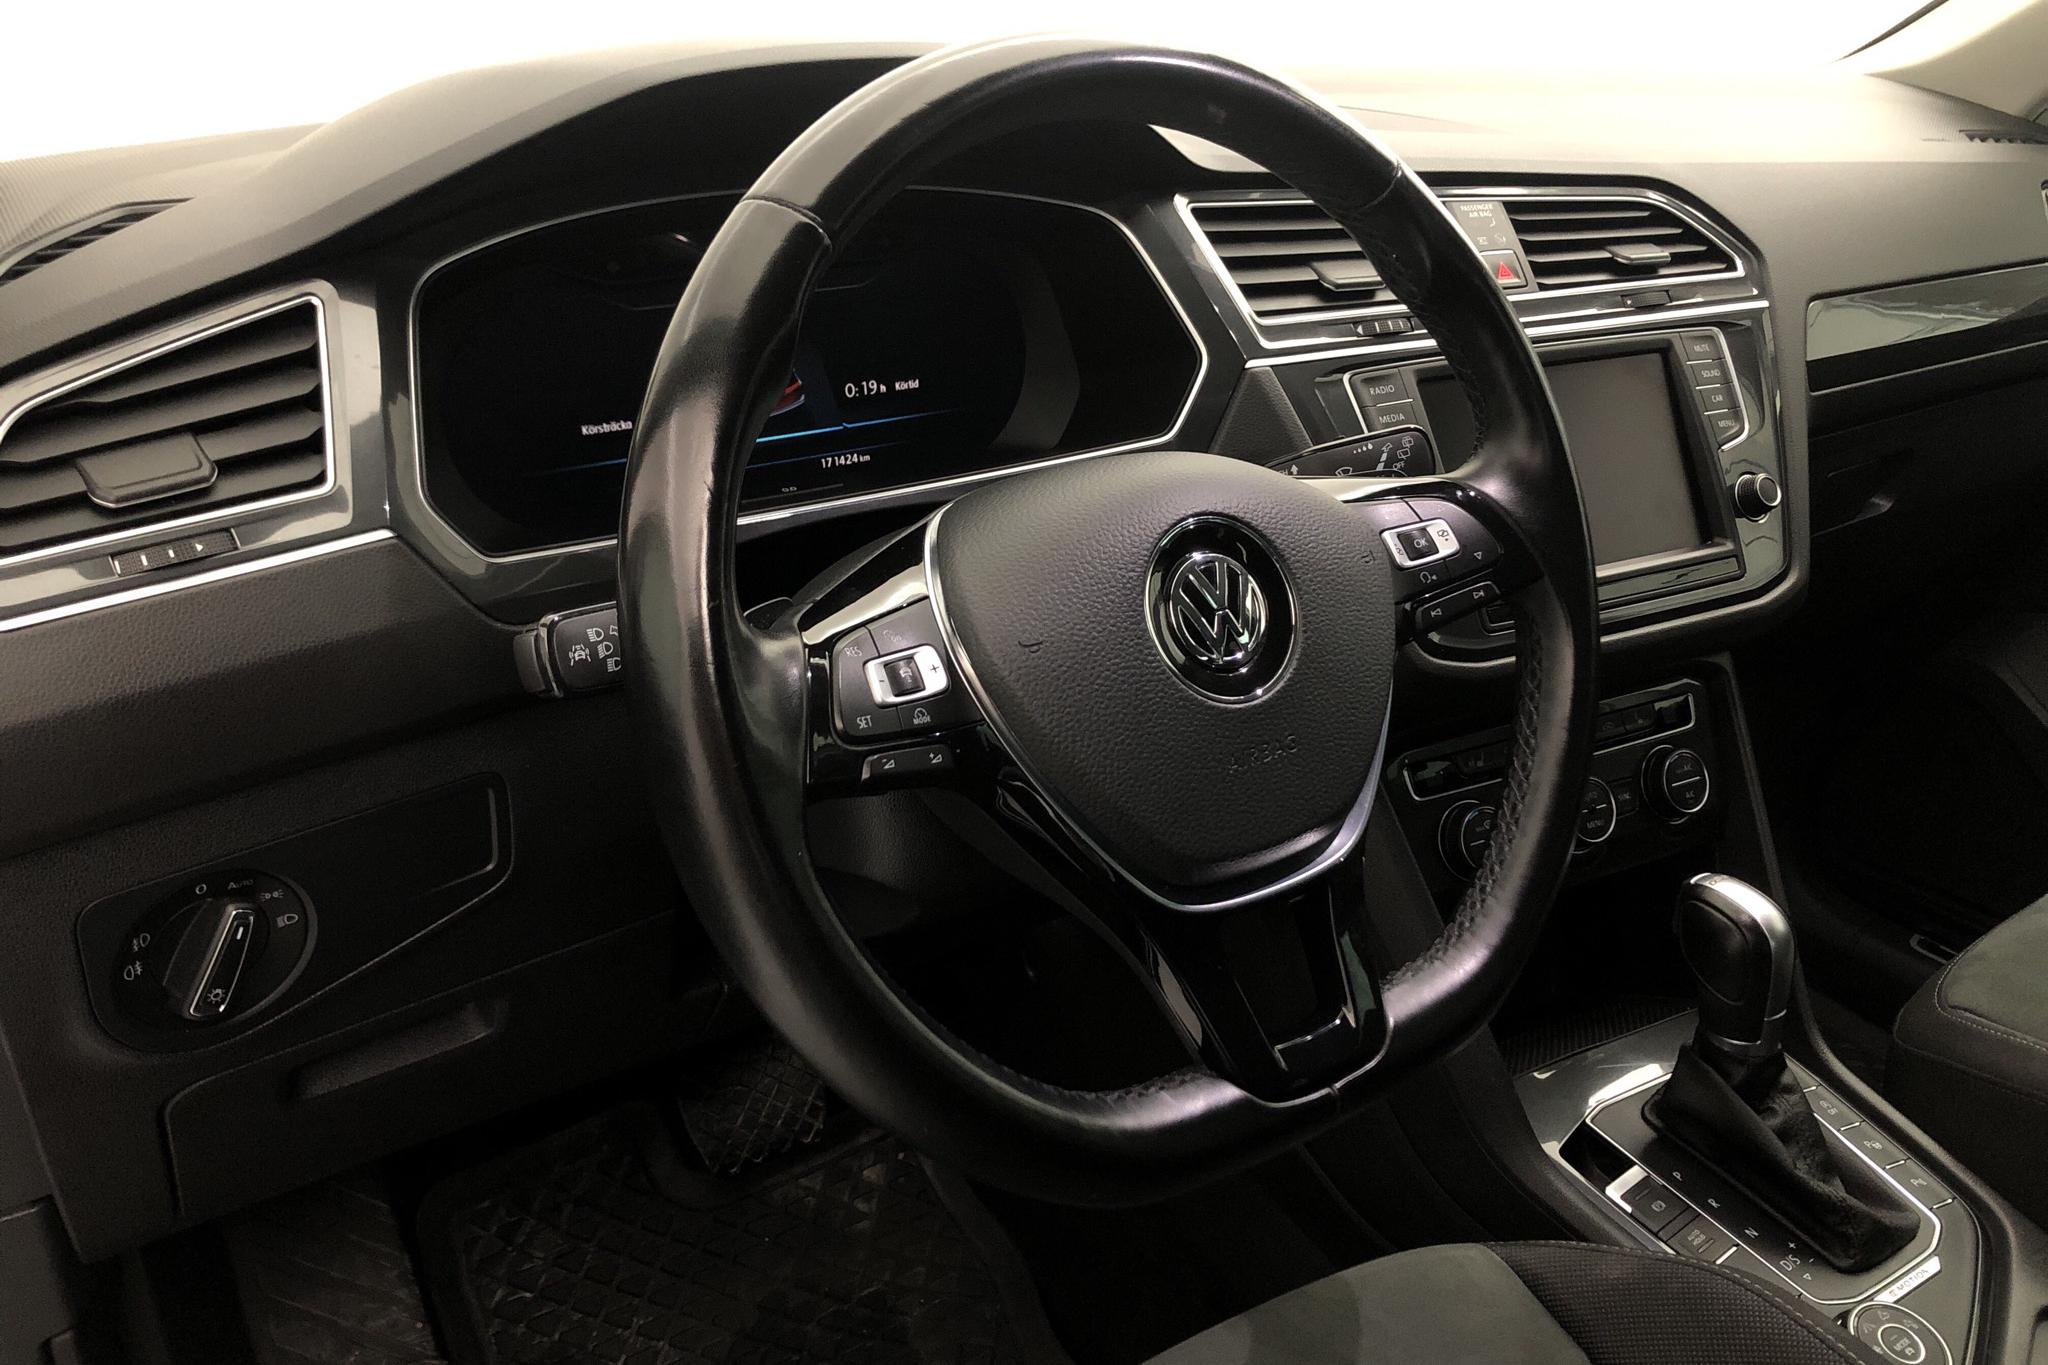 VW Tiguan 2.0 TDI 4MOTION (190hk) - 171 420 km - Automatic - white - 2017